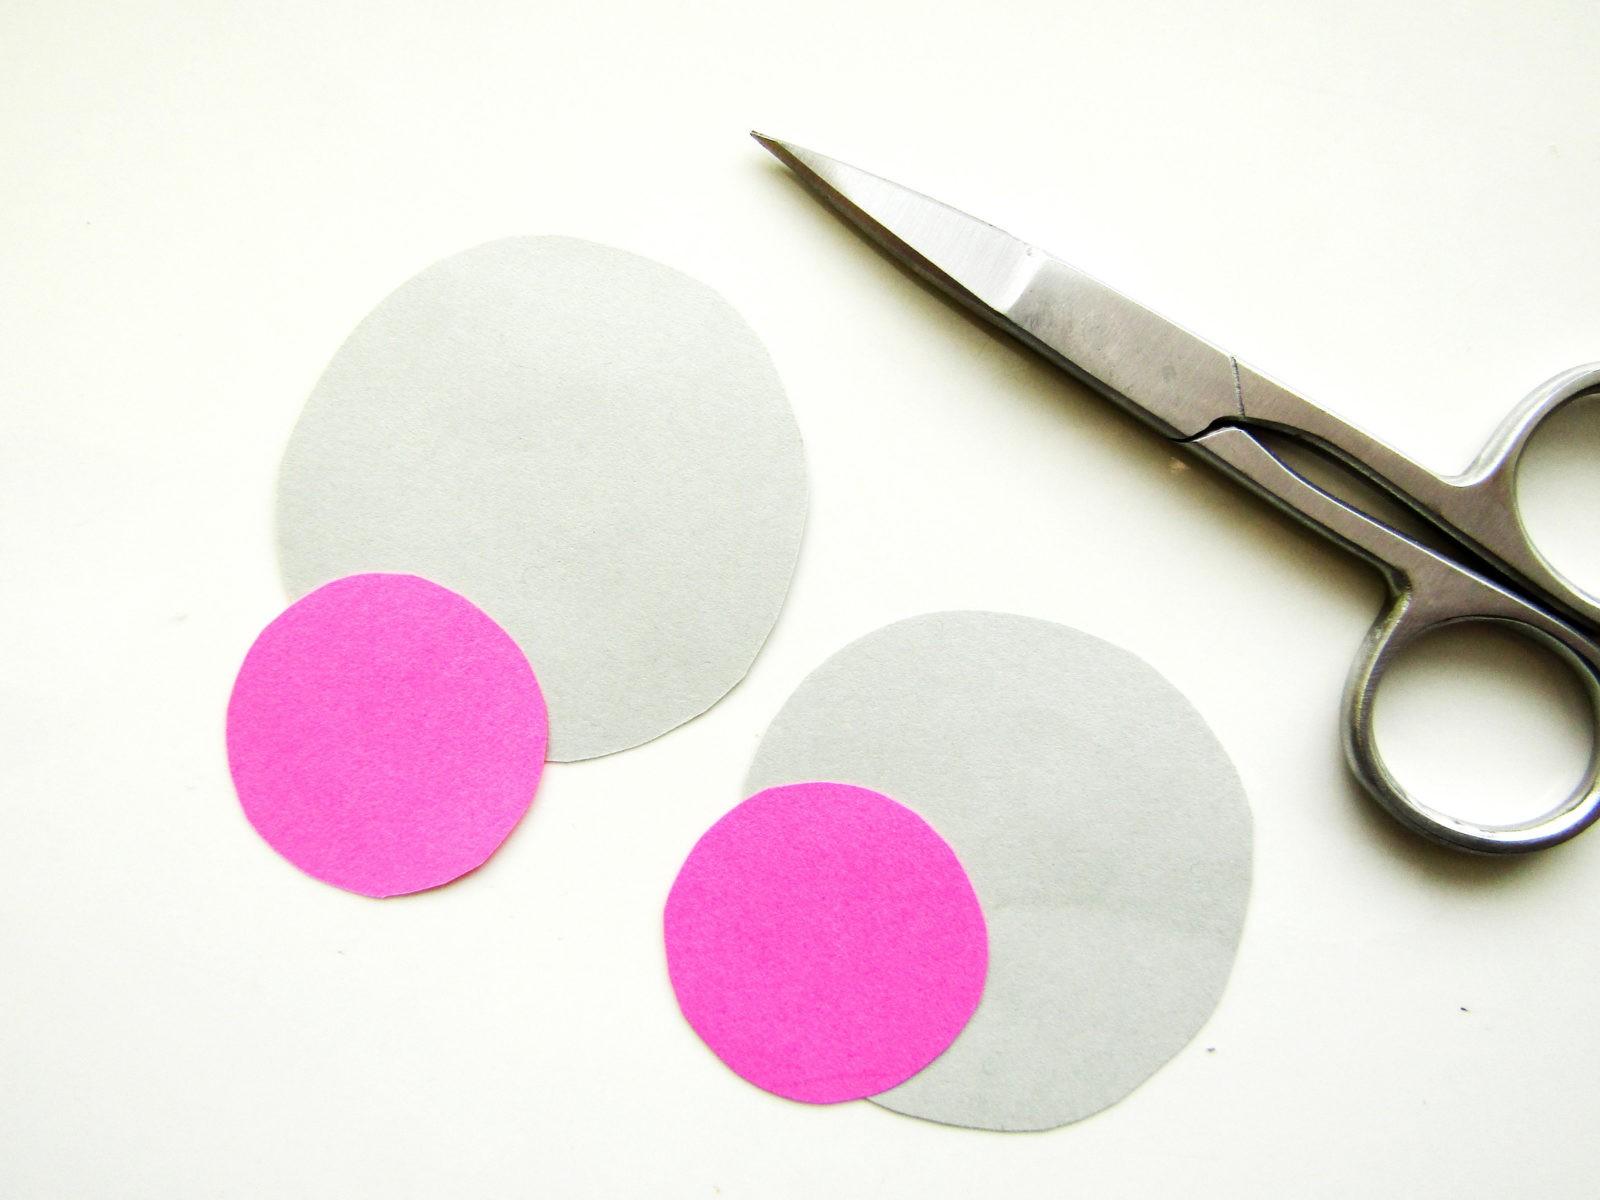 Объемная поделка мышка из бумаги - 6